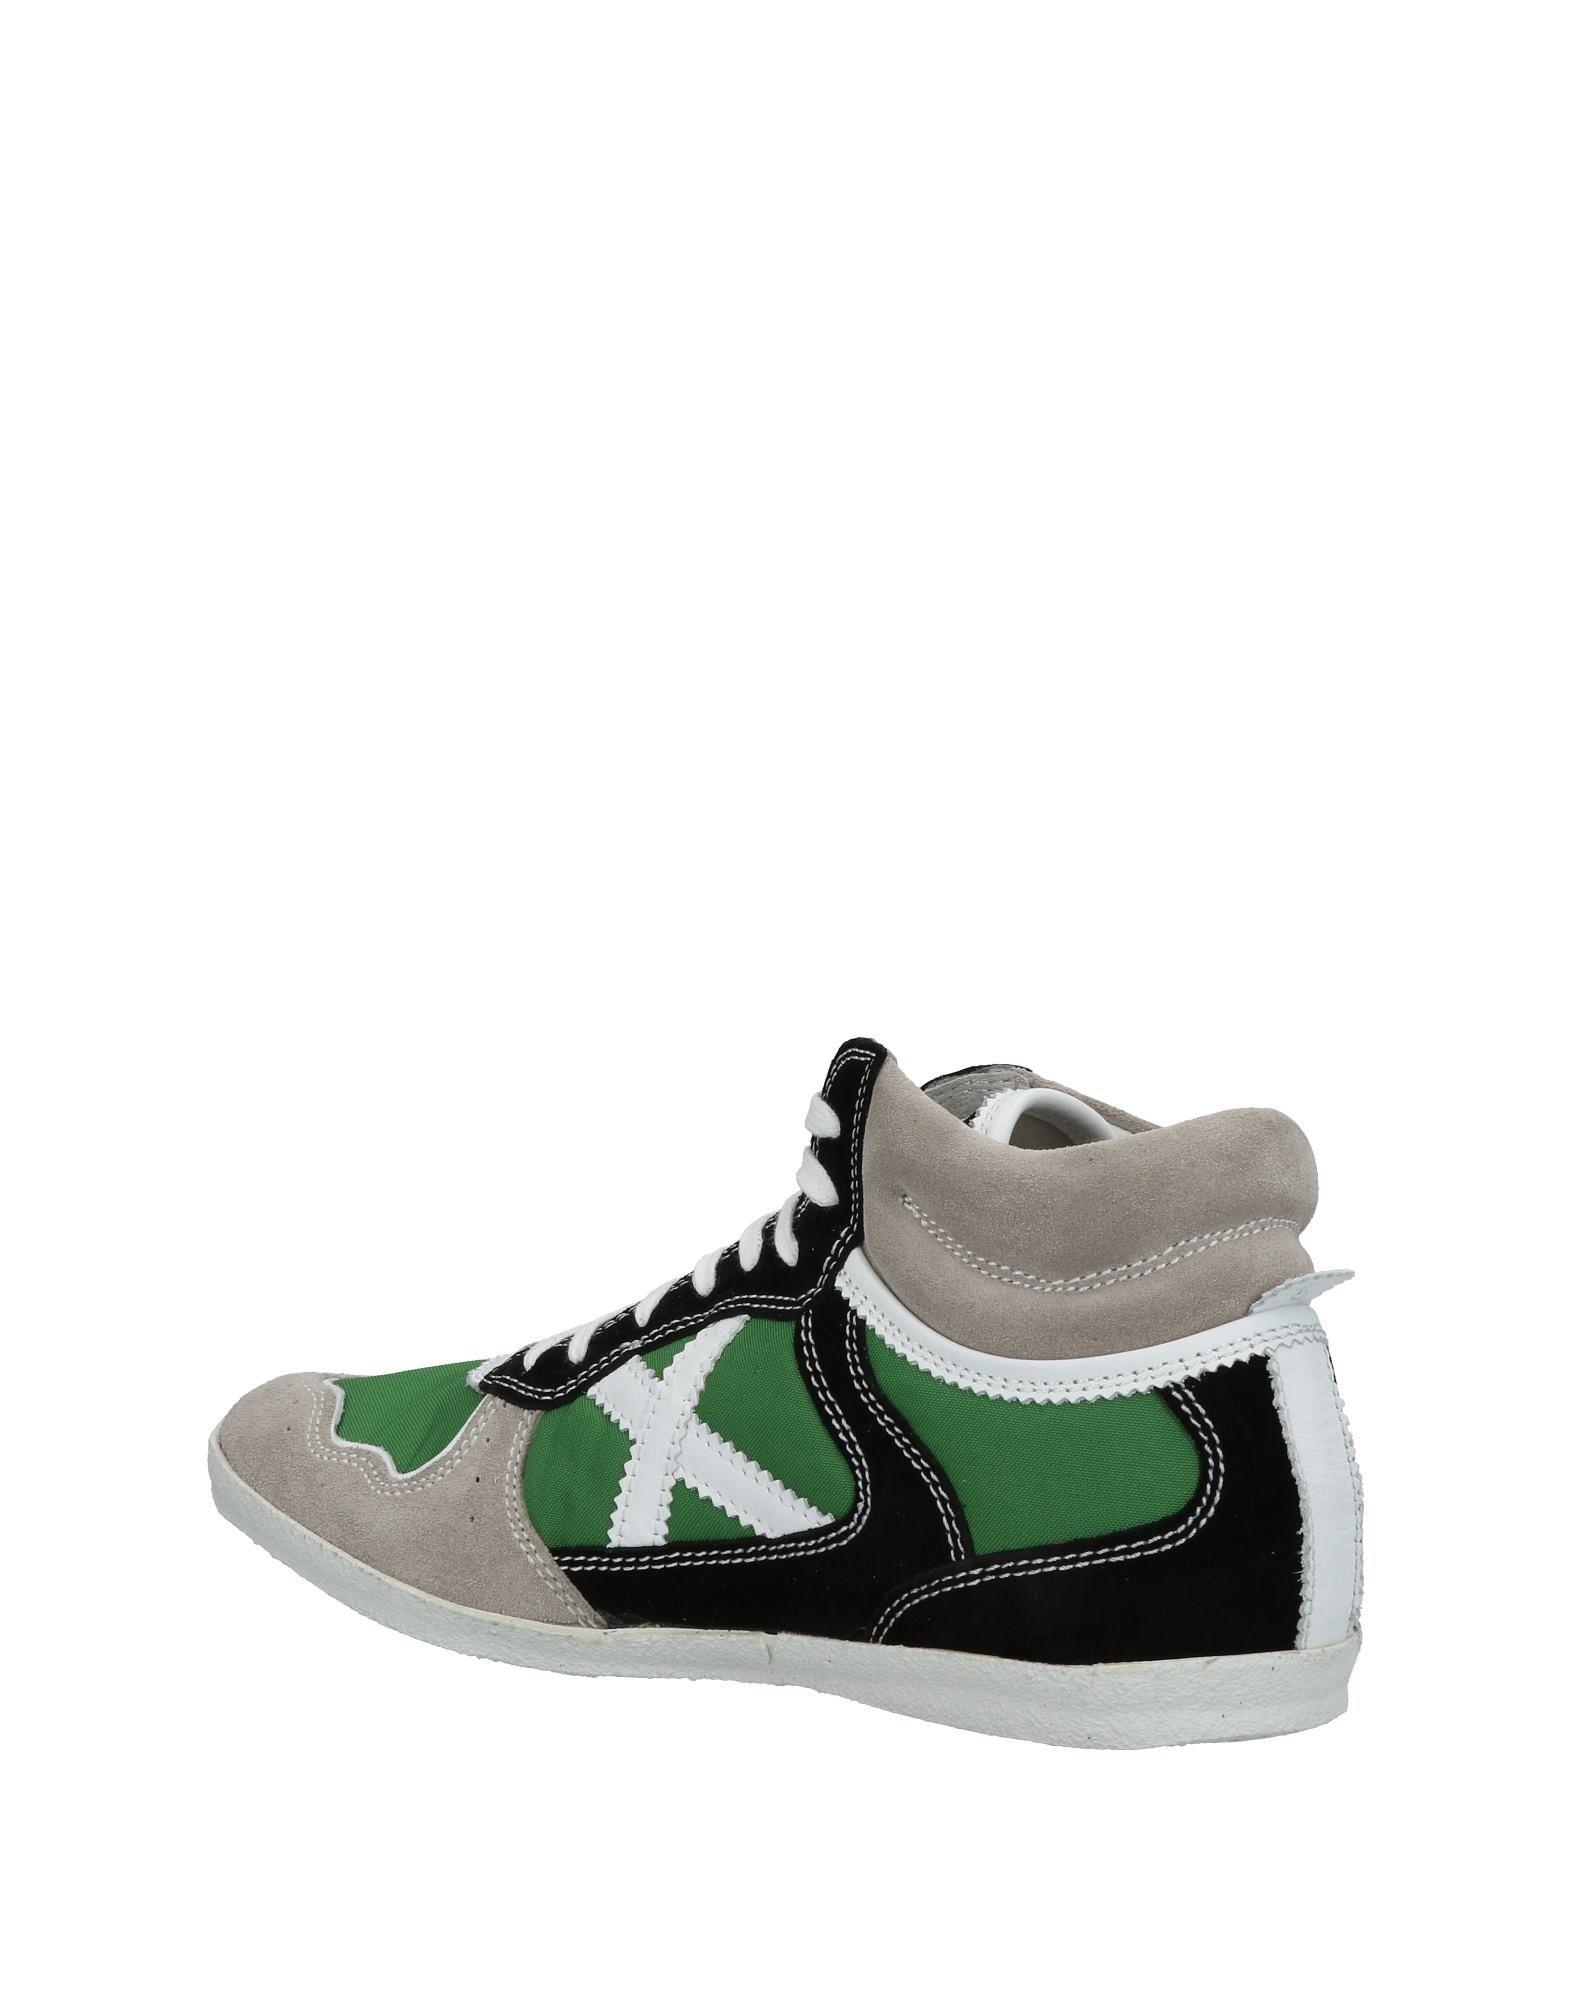 Rabatt Herren echte Schuhe Munich Sneakers Herren Rabatt  11446869PD d03987